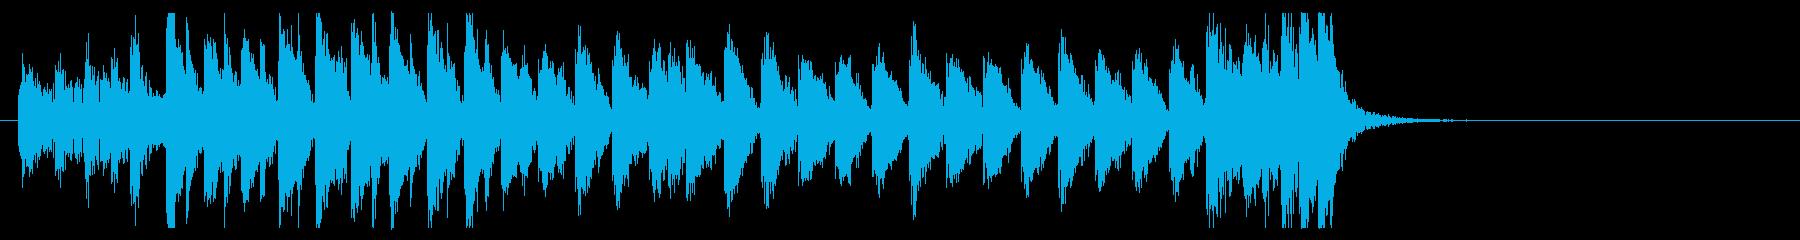 三味線 太鼓のアンサンブル2BPM136の再生済みの波形